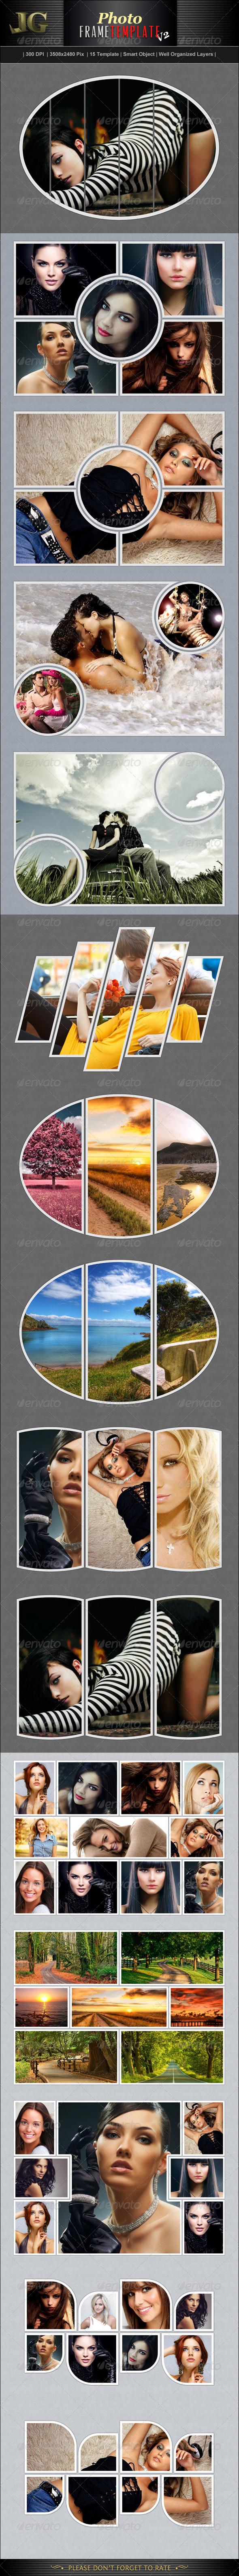 GraphicRiver Photo Frames V2 6253303